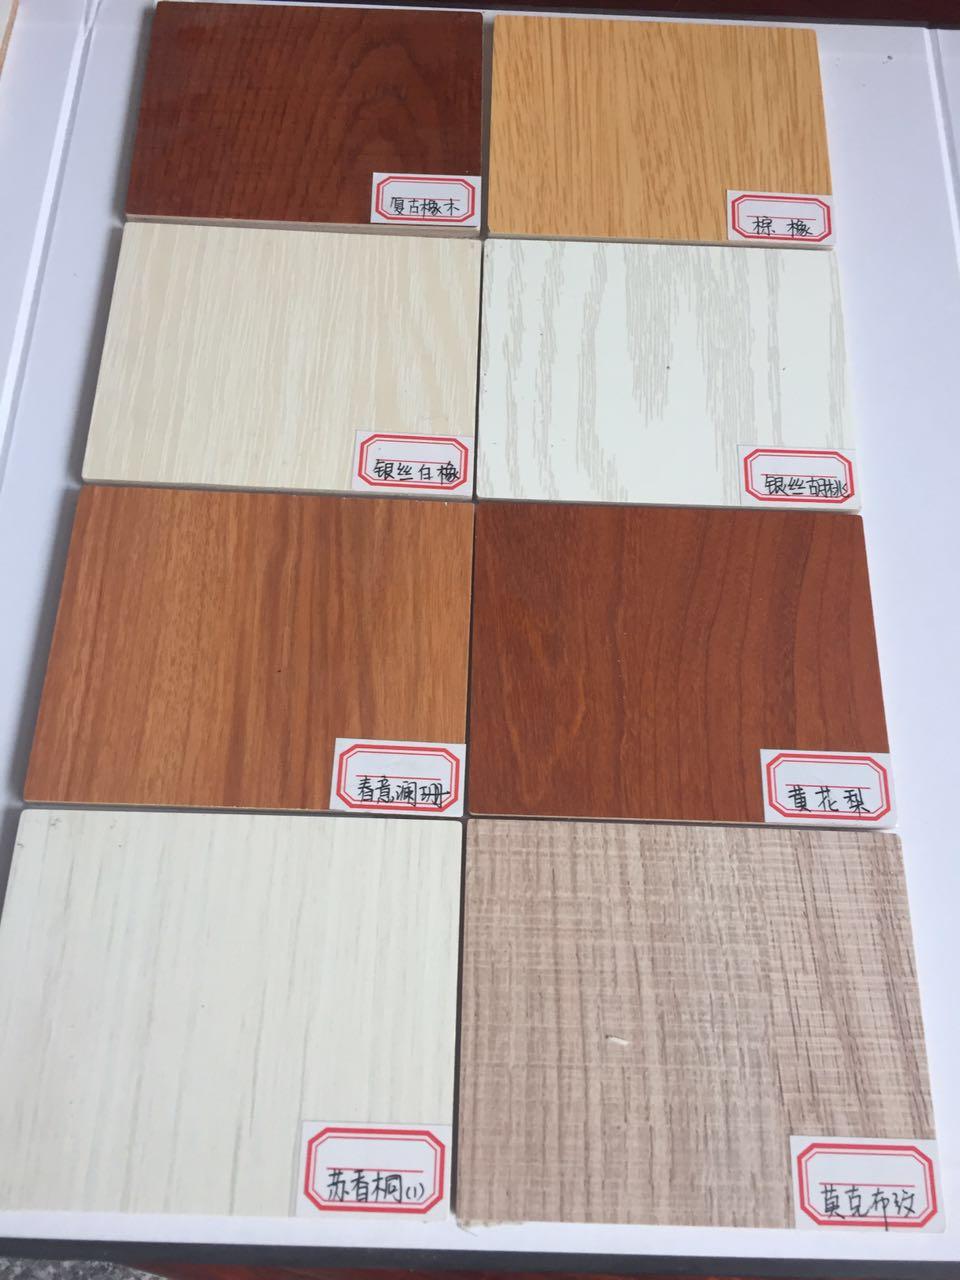 批发多层免漆生态板 多层免漆生态板哪家好 供应多层免漆生态板